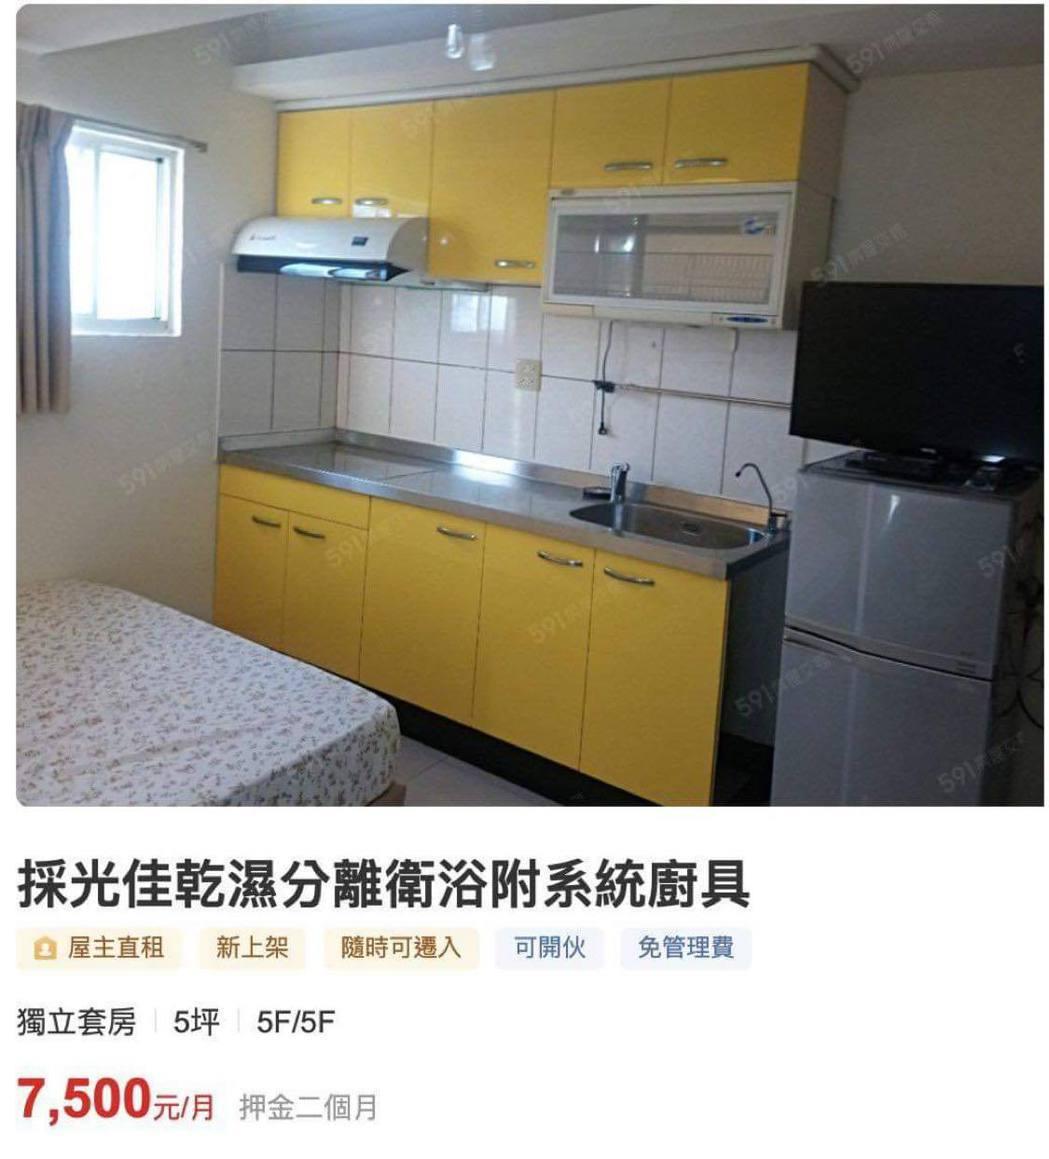 有網友分享租屋網站上的物件,只見出租的套房竟然是廚房所改造的。 圖/翻攝自「葩裝...